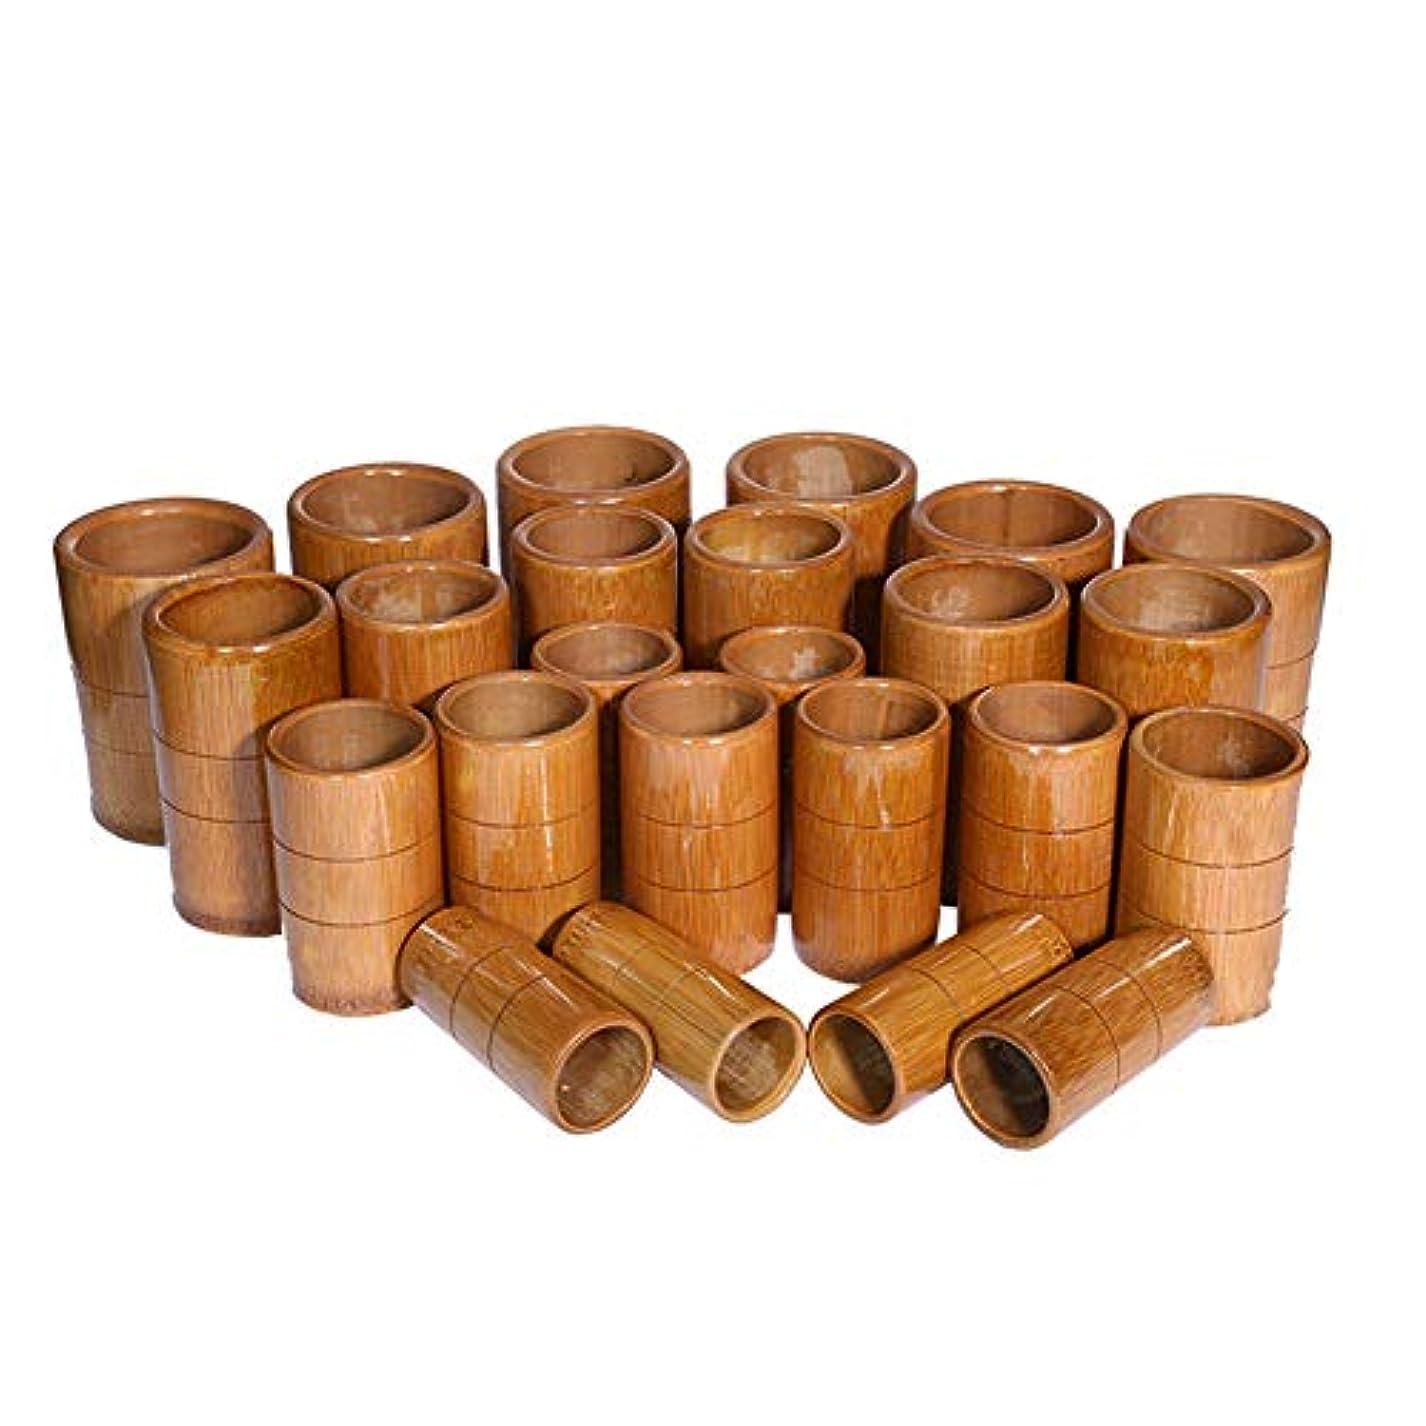 弾丸締める素晴らしいカッピング竹療法セットマッサージ真空カップキット - 炭缶鍼灸医療吸引セット,A10pcs